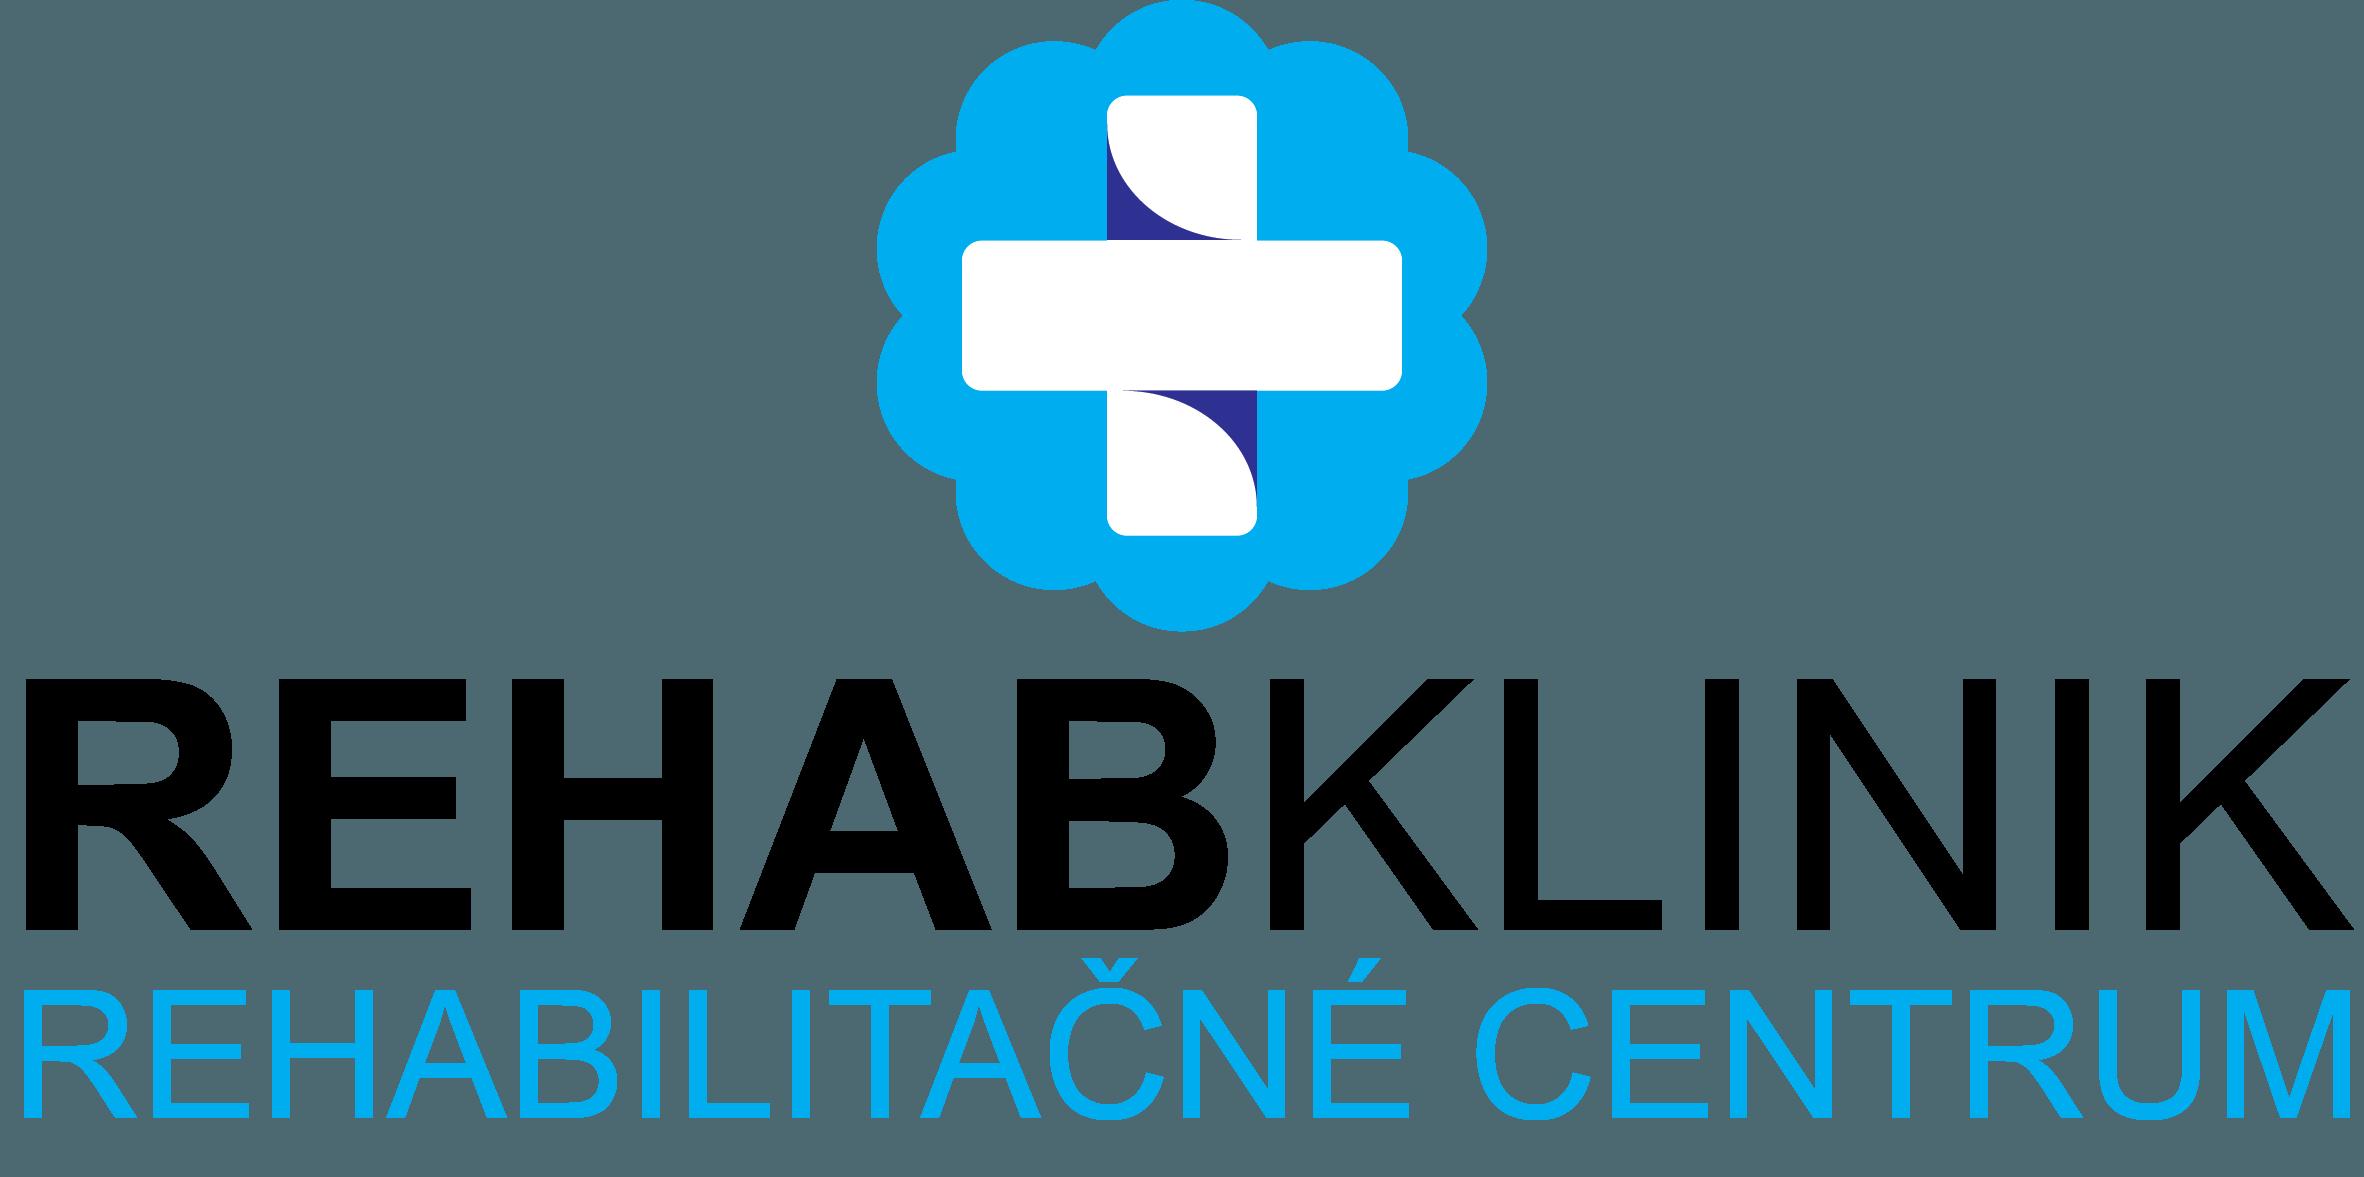 Rehab Klinik